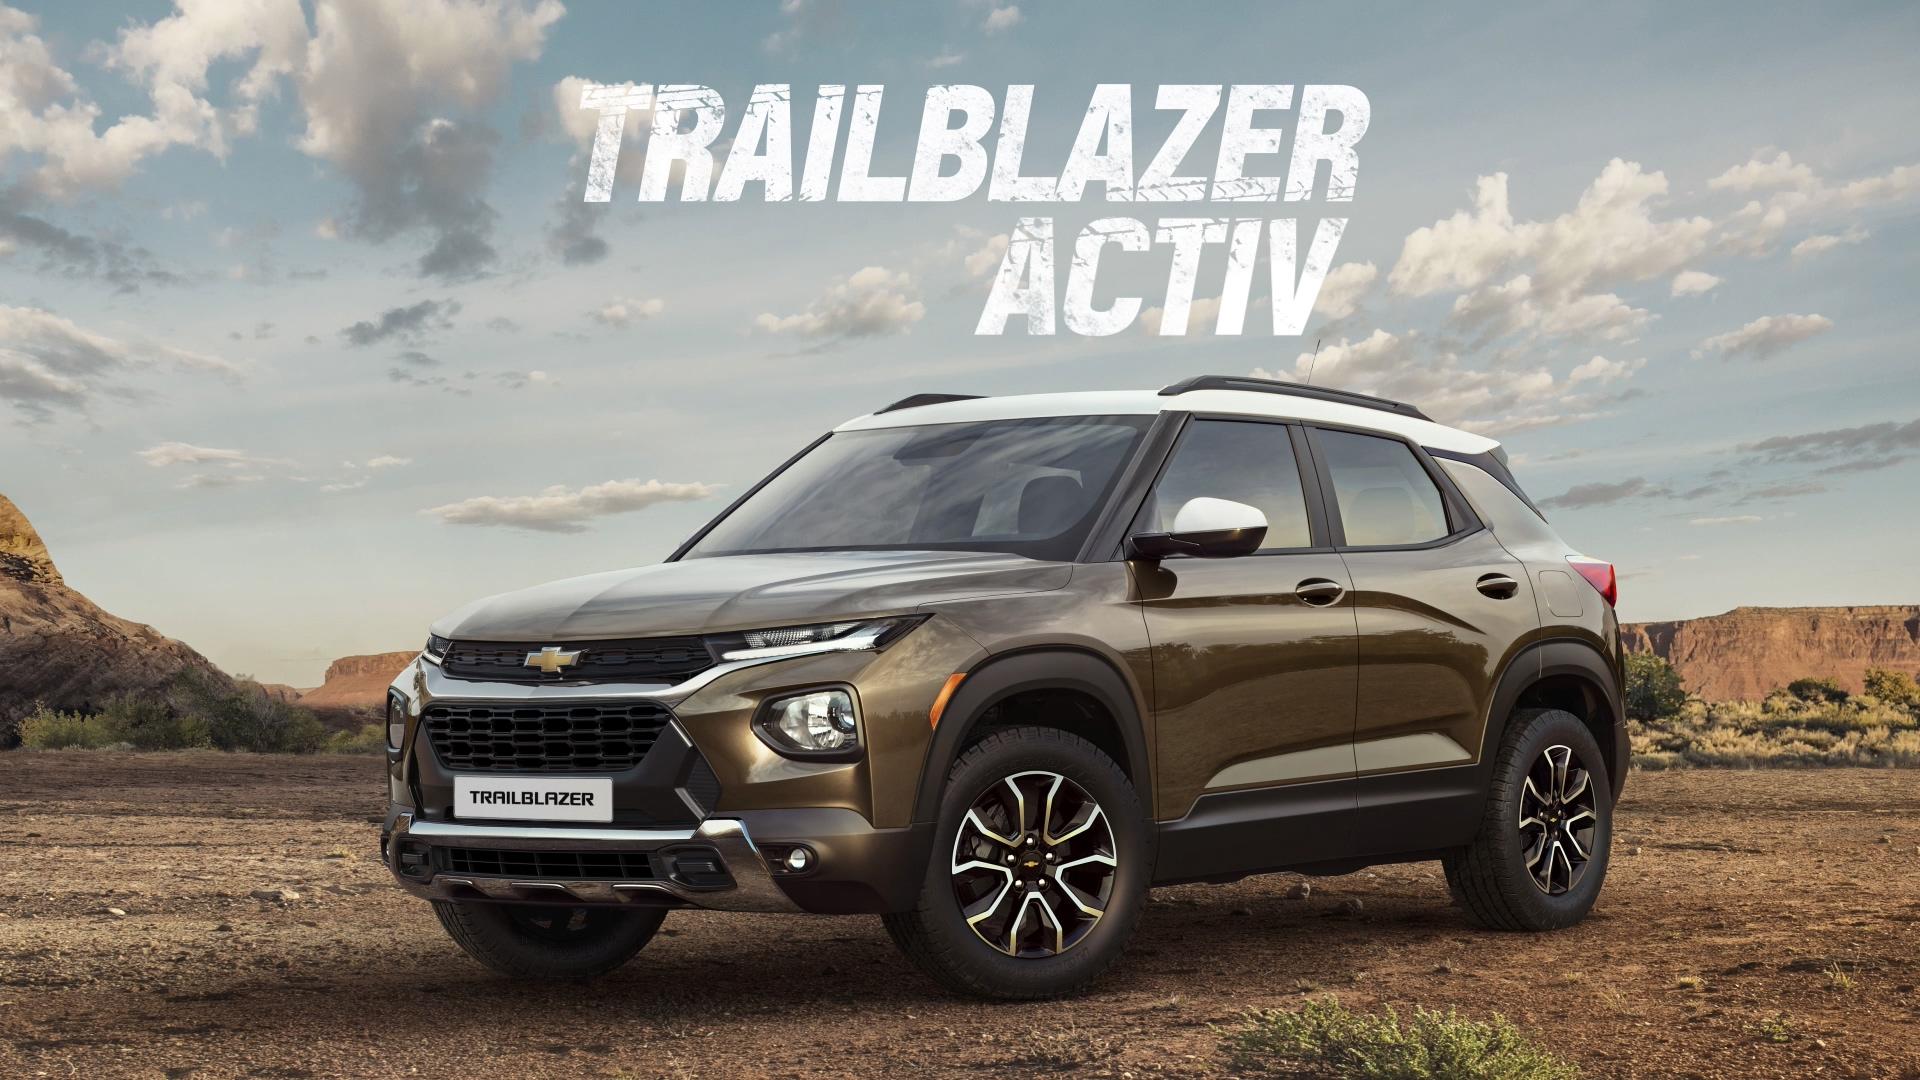 Chevrolet_Trailblazer_ACTIV